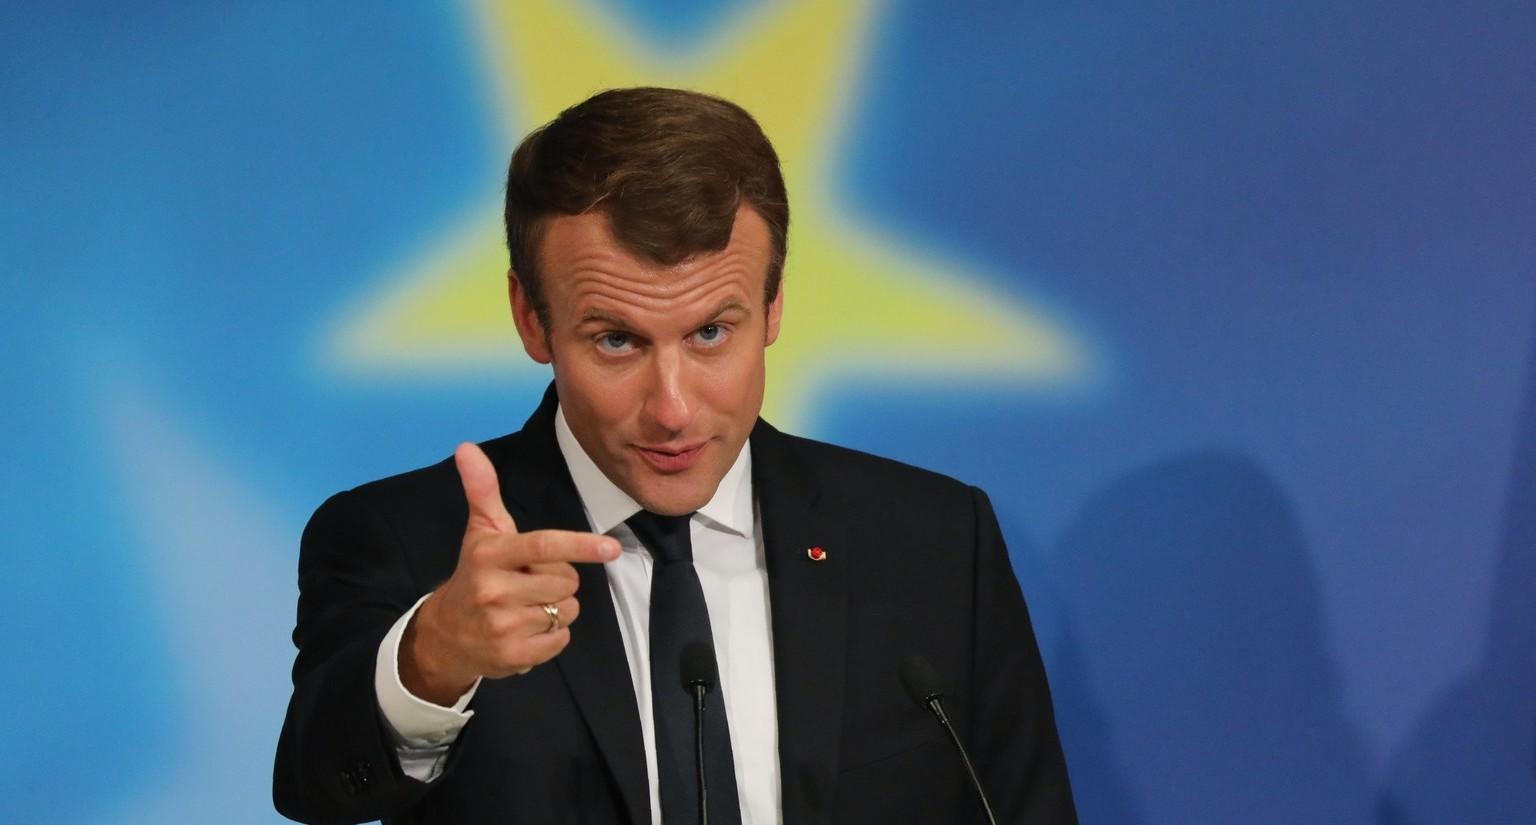 Emmanuel Macron francia elnök ismerteti az Európai Unió és az eurózóna reformjára vonatkozó javaslatait a párizsi Sorbonne egyetemen 2017. szeptember 26-án. (MTI/EPA pool/Ludovic Marin)